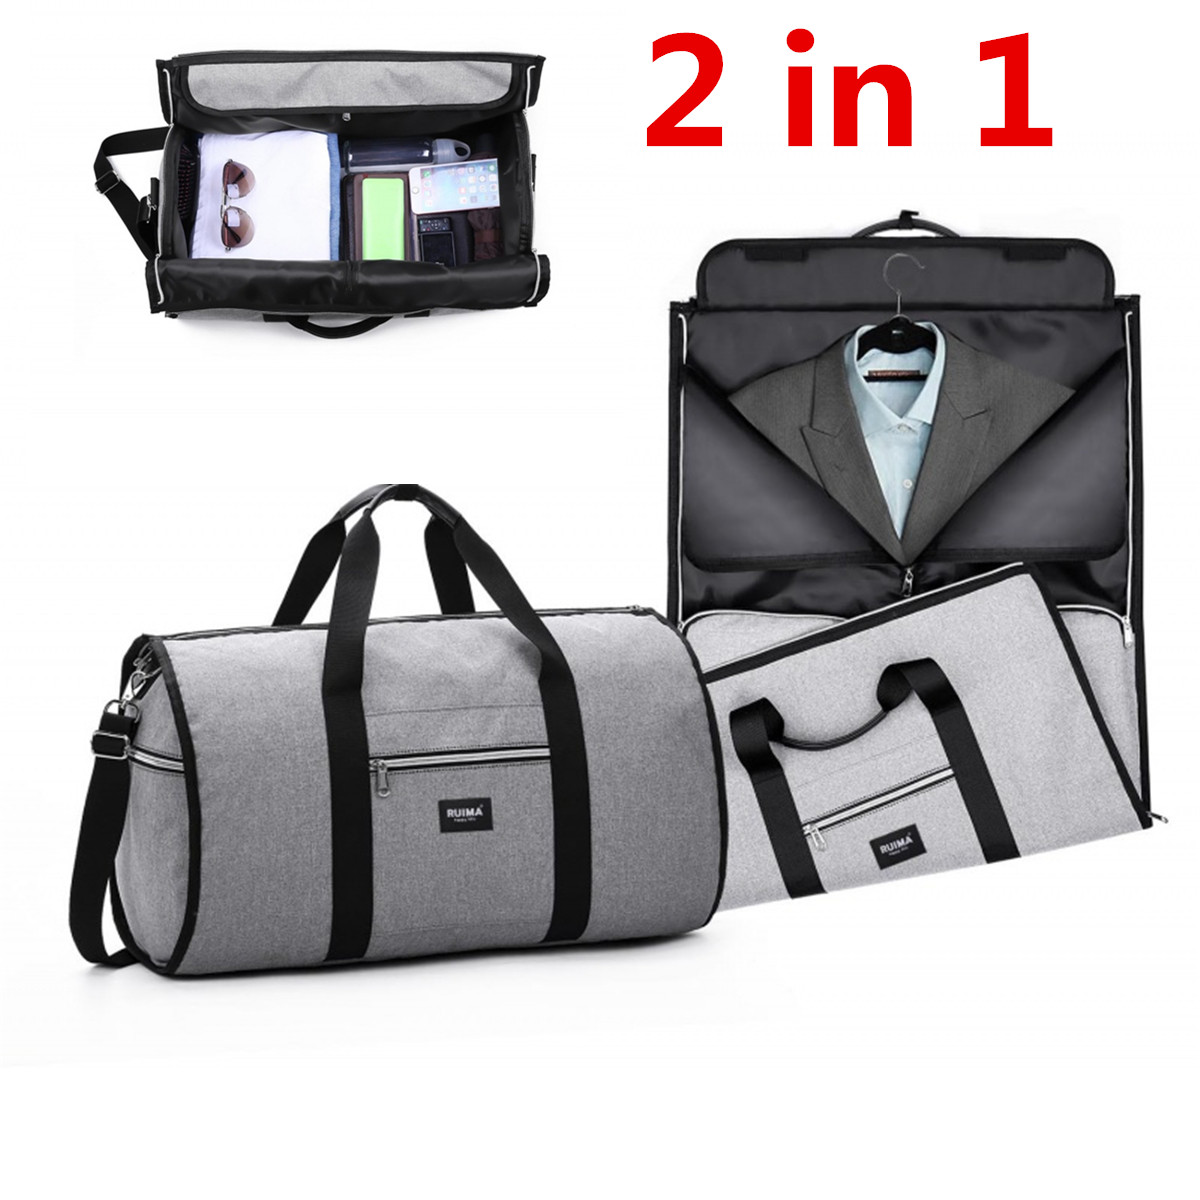 6b836084fb6c 2in1 Waterproof Travel Bag Mens Large Luggage Duffel Totes Garment Bag  Women Travel Shoulder Bag Clothes